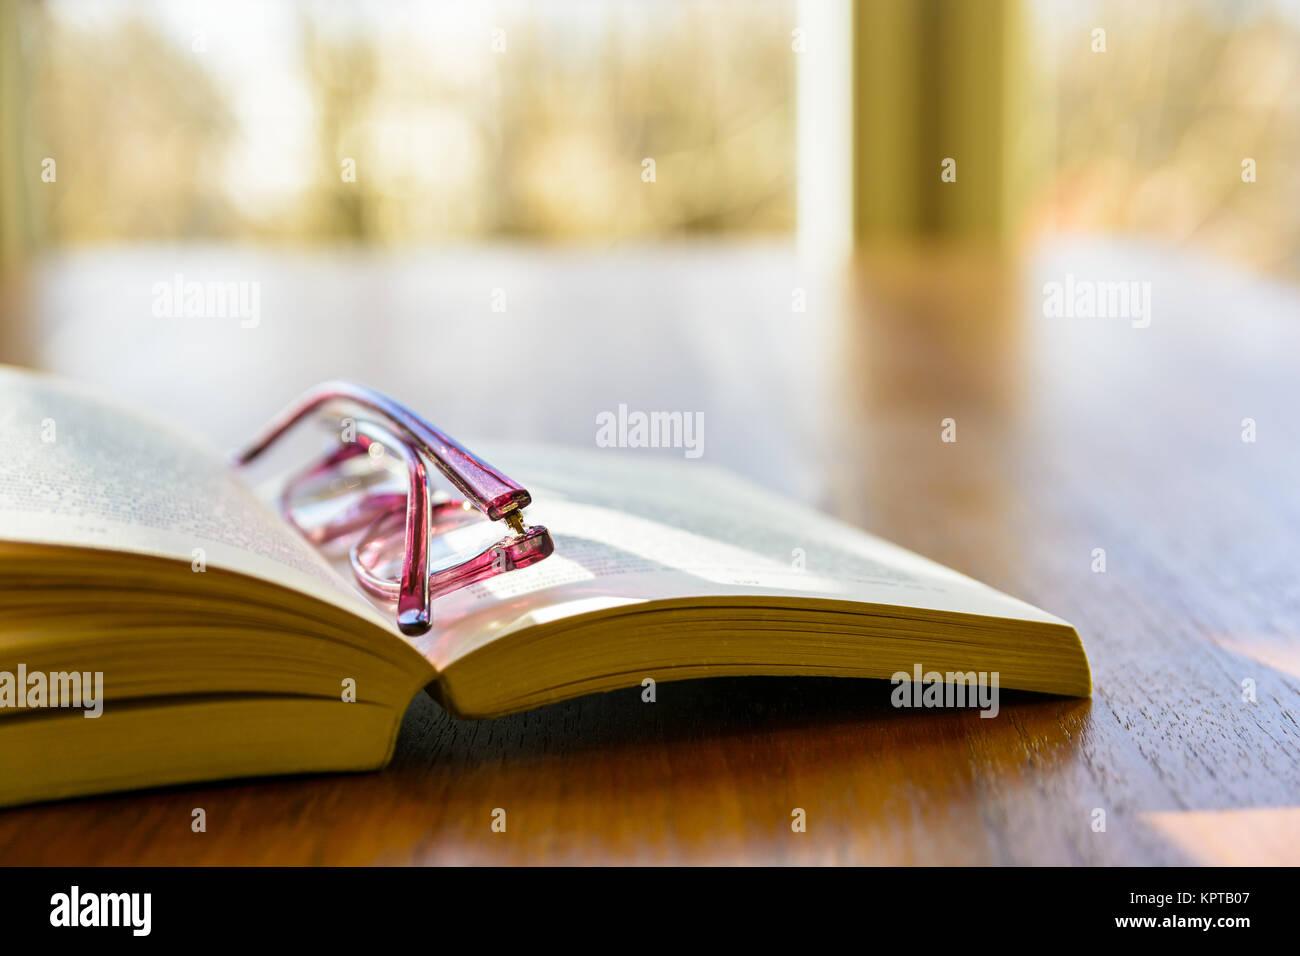 Vue rapprochée d'un livre de poche avec une paire de lunettes de lecture sur elle, posant à plat sur Photo Stock